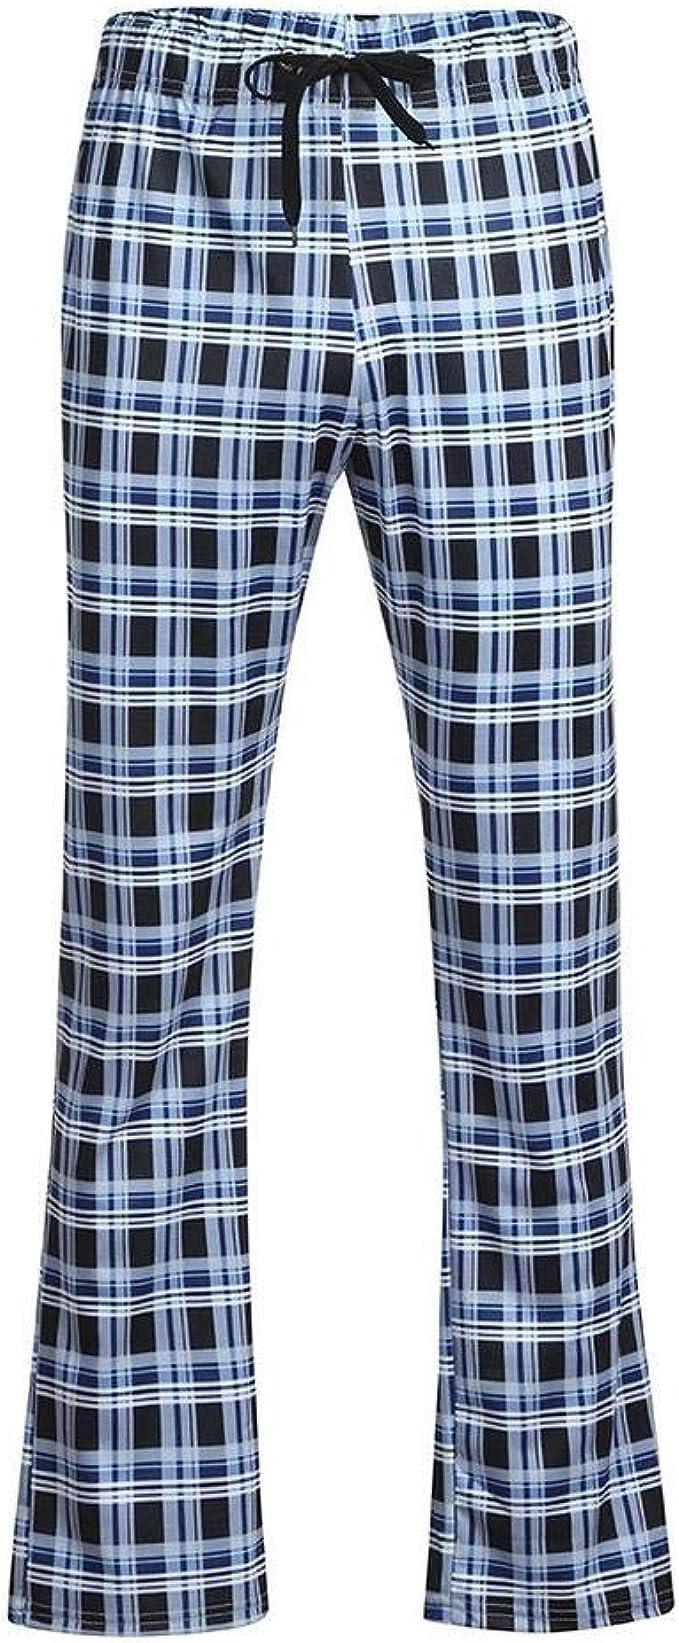 Pantalones de Dormir para Hombre Ropa de Dormir Pantalones de Pijama a Cuadros Ropa de Dormir Pijamas para el hogar Hombres Algodón y Lino: Amazon.es: Ropa y accesorios